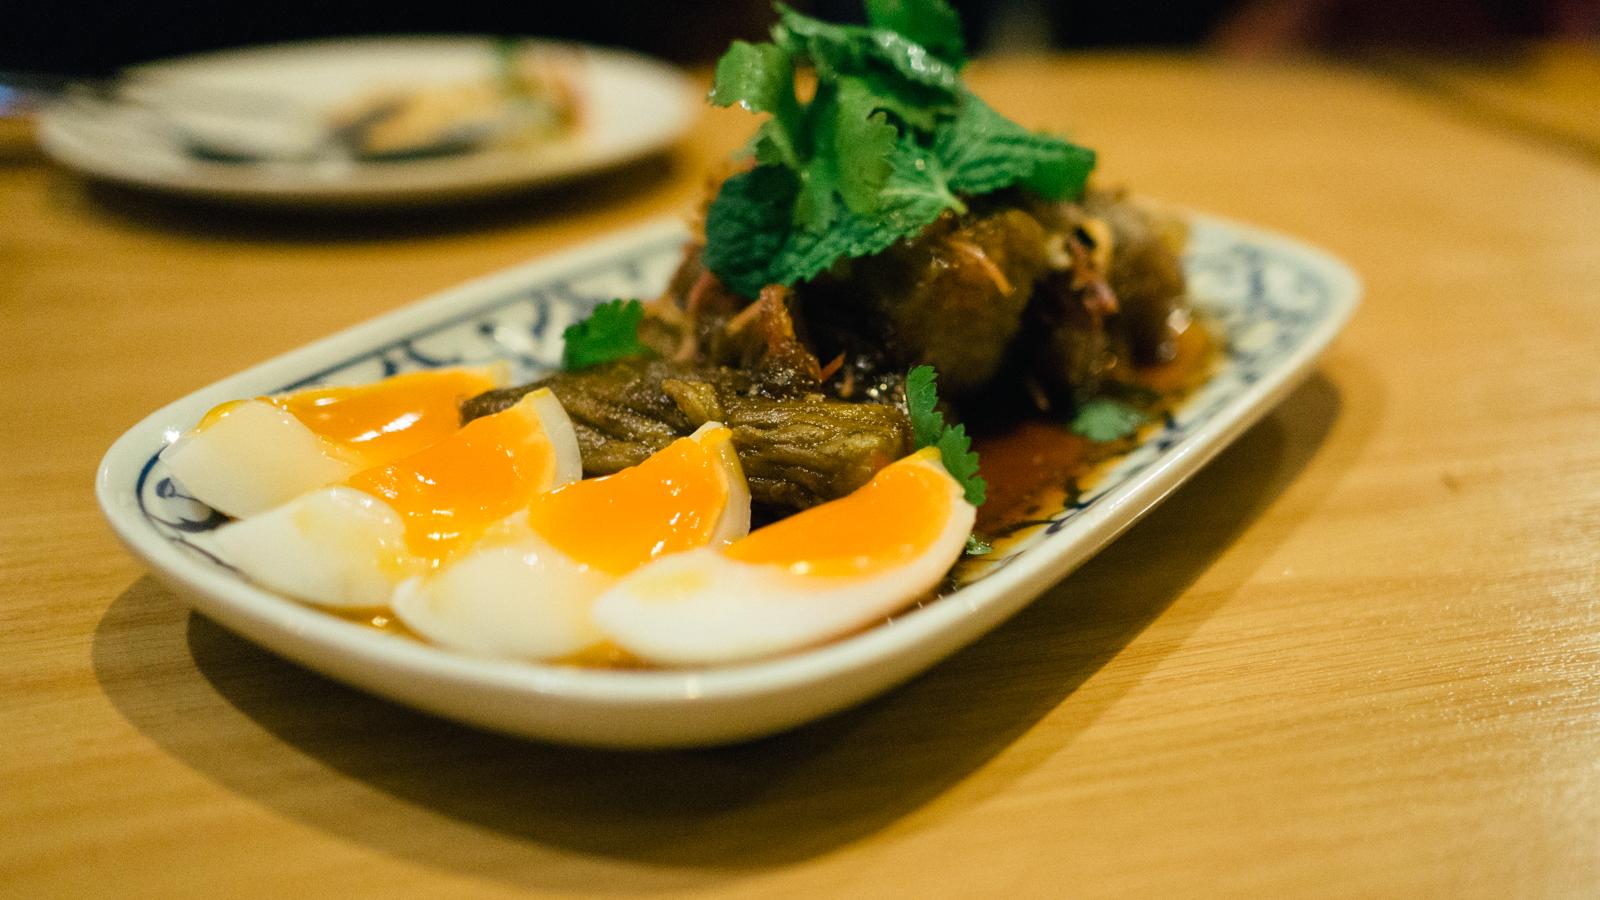 Easter-best-egg-dishes-poached-scrambled-soft-boiled-omelet-fried-deviled-yolks-26